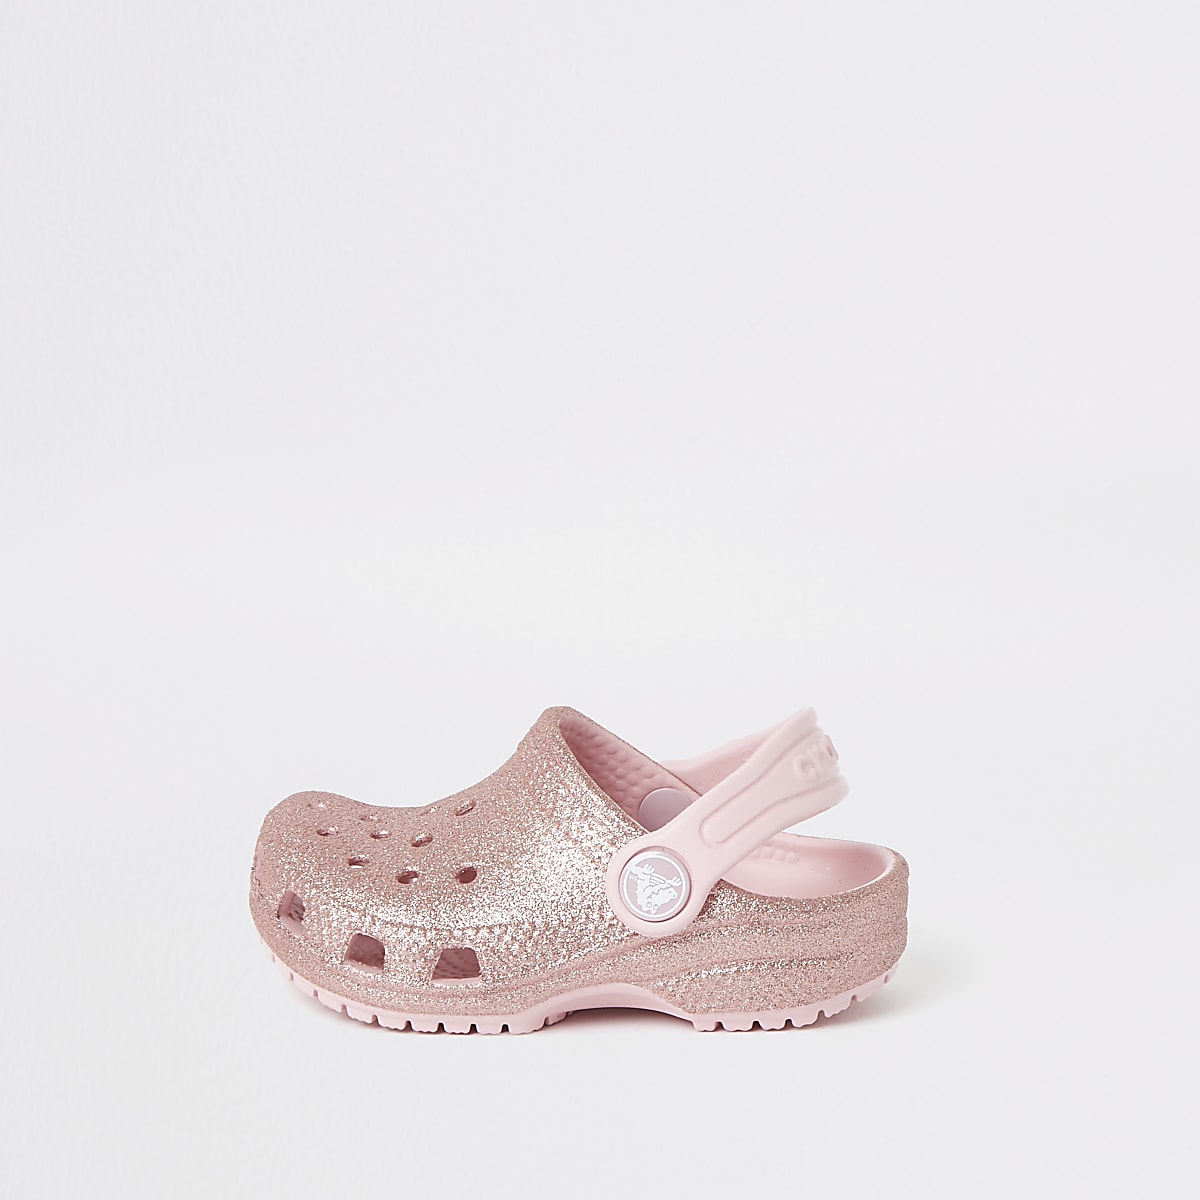 Mini girls Crocs pink glitter clogs